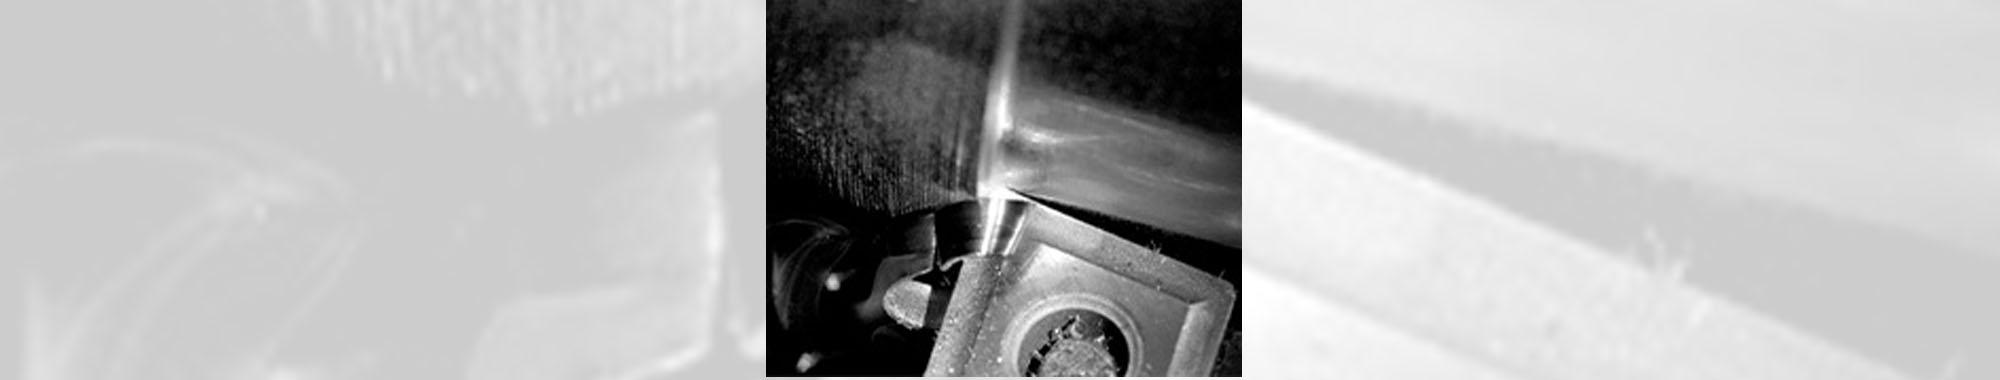 旋盤での切削のハイスピード撮影